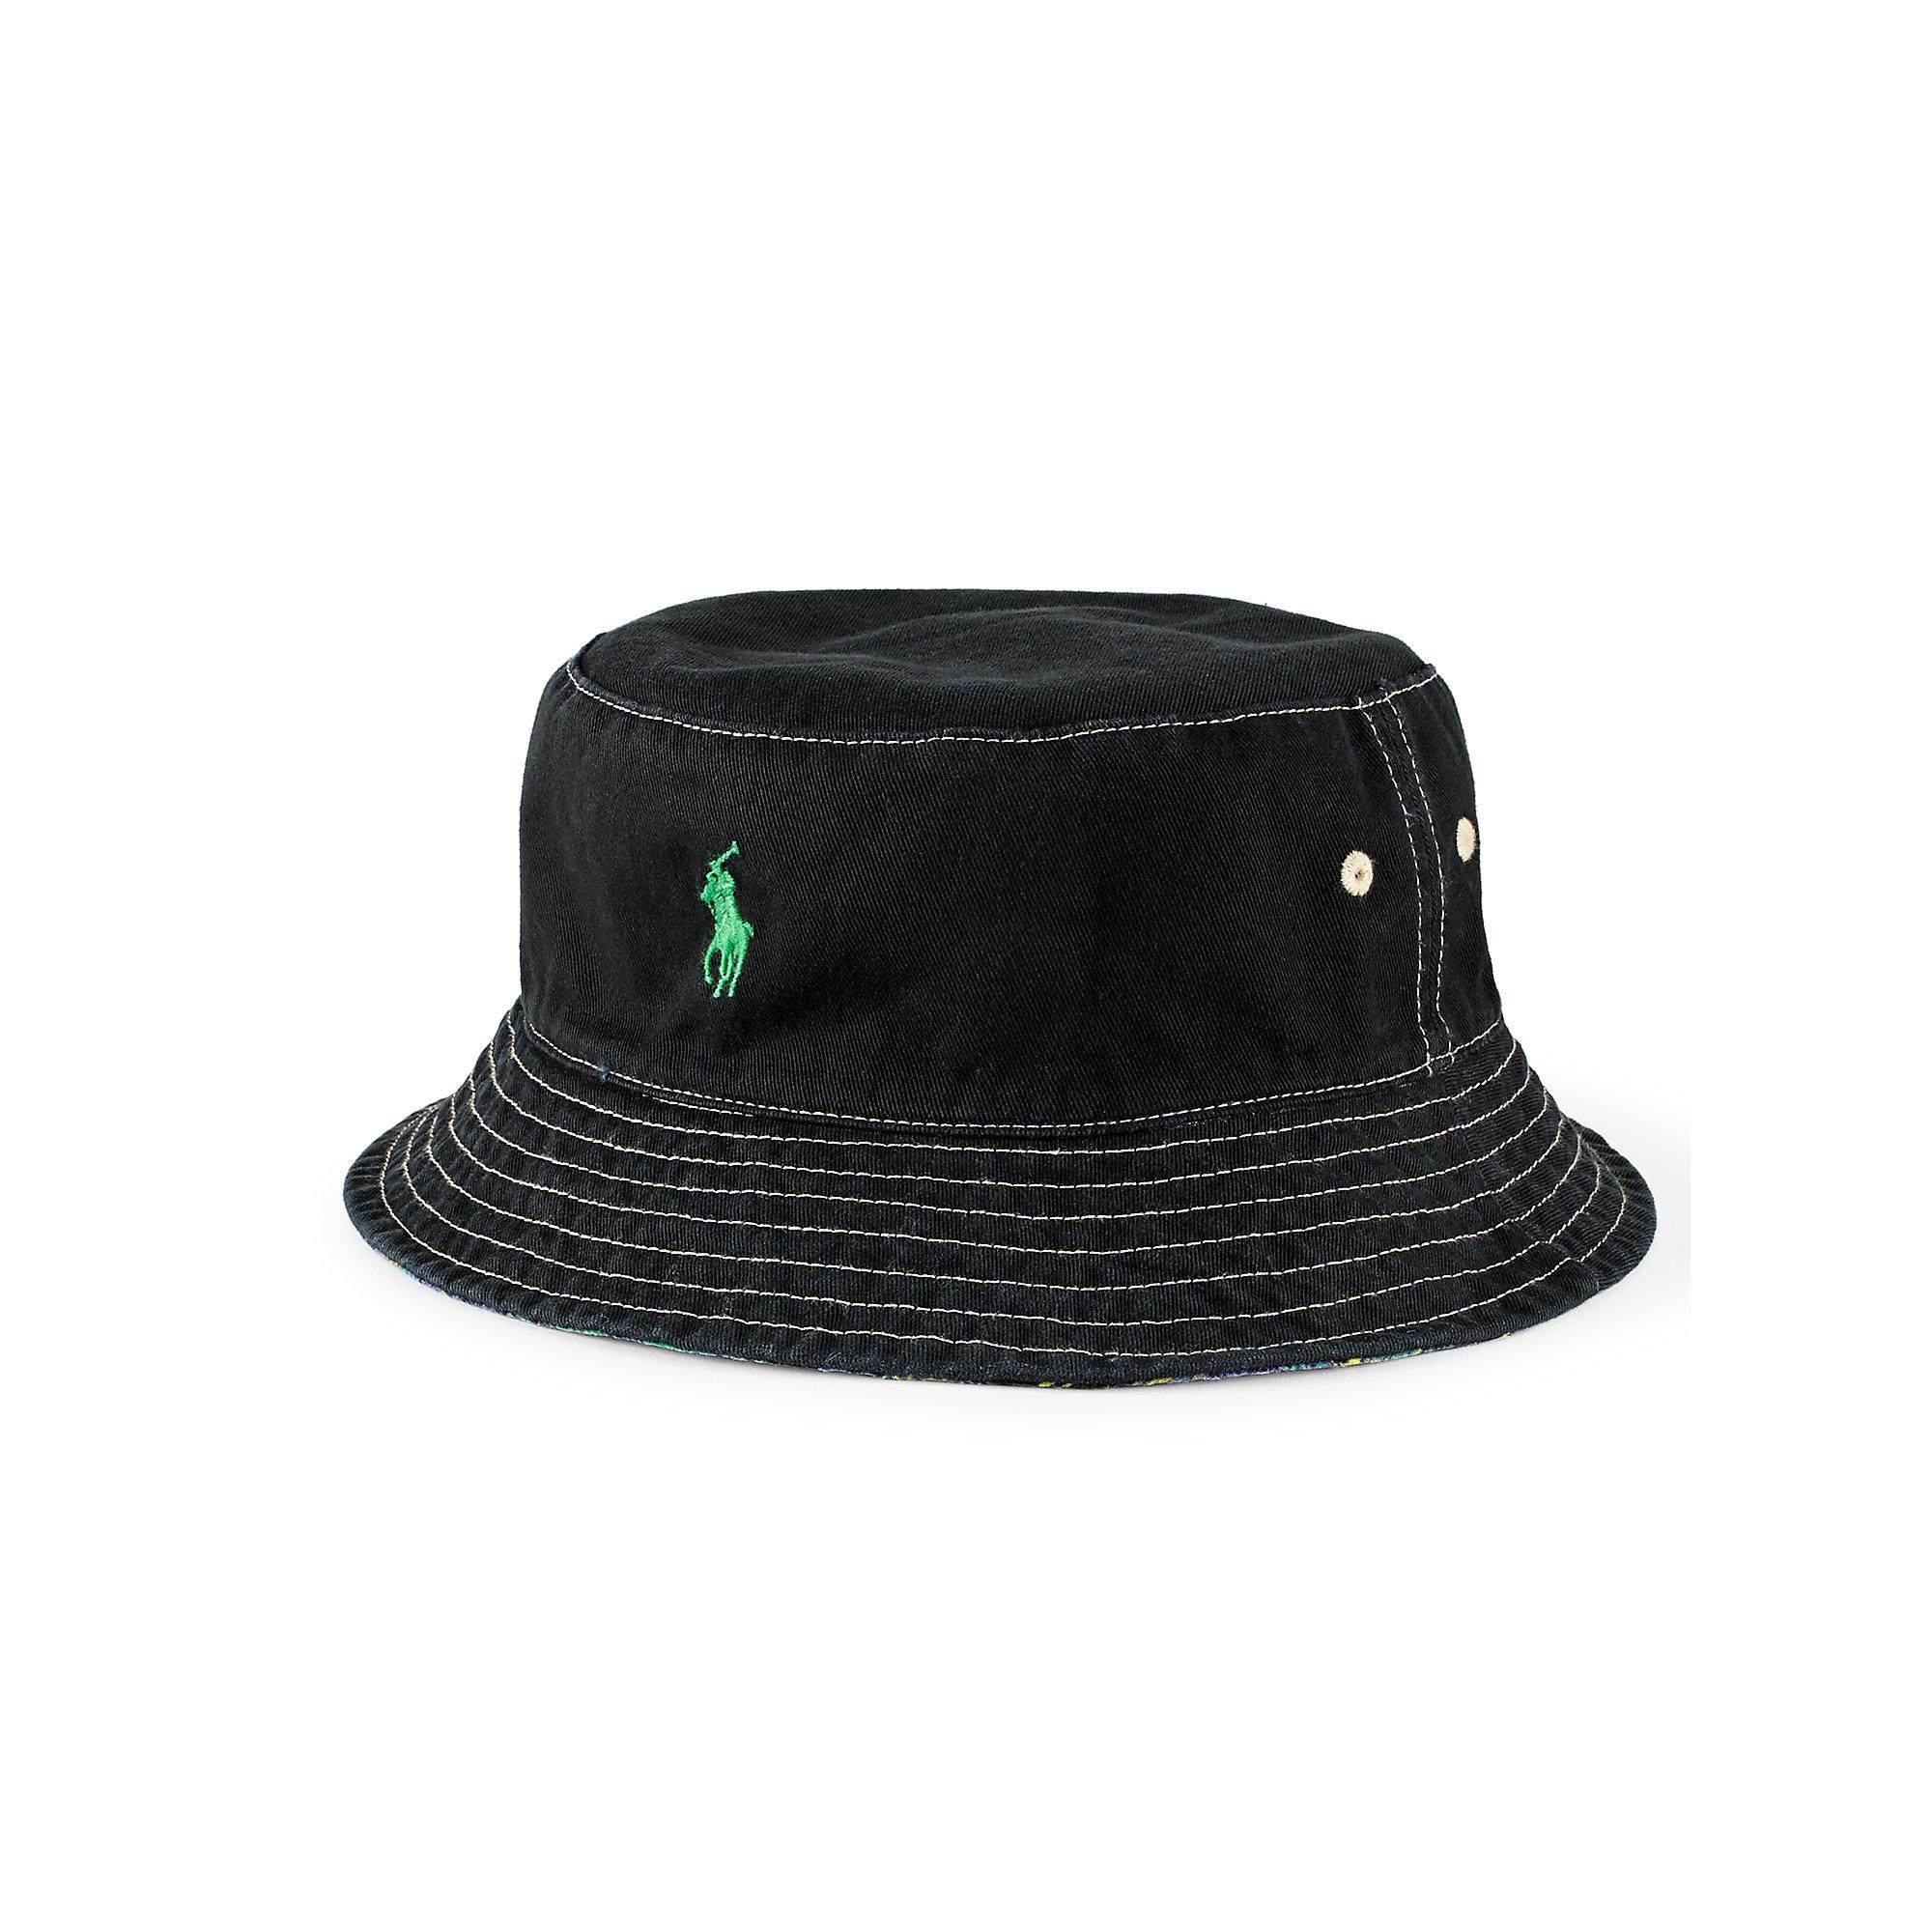 Lyst - Polo Ralph Lauren Reversible Twill Bucket Hat 7cece85aa76